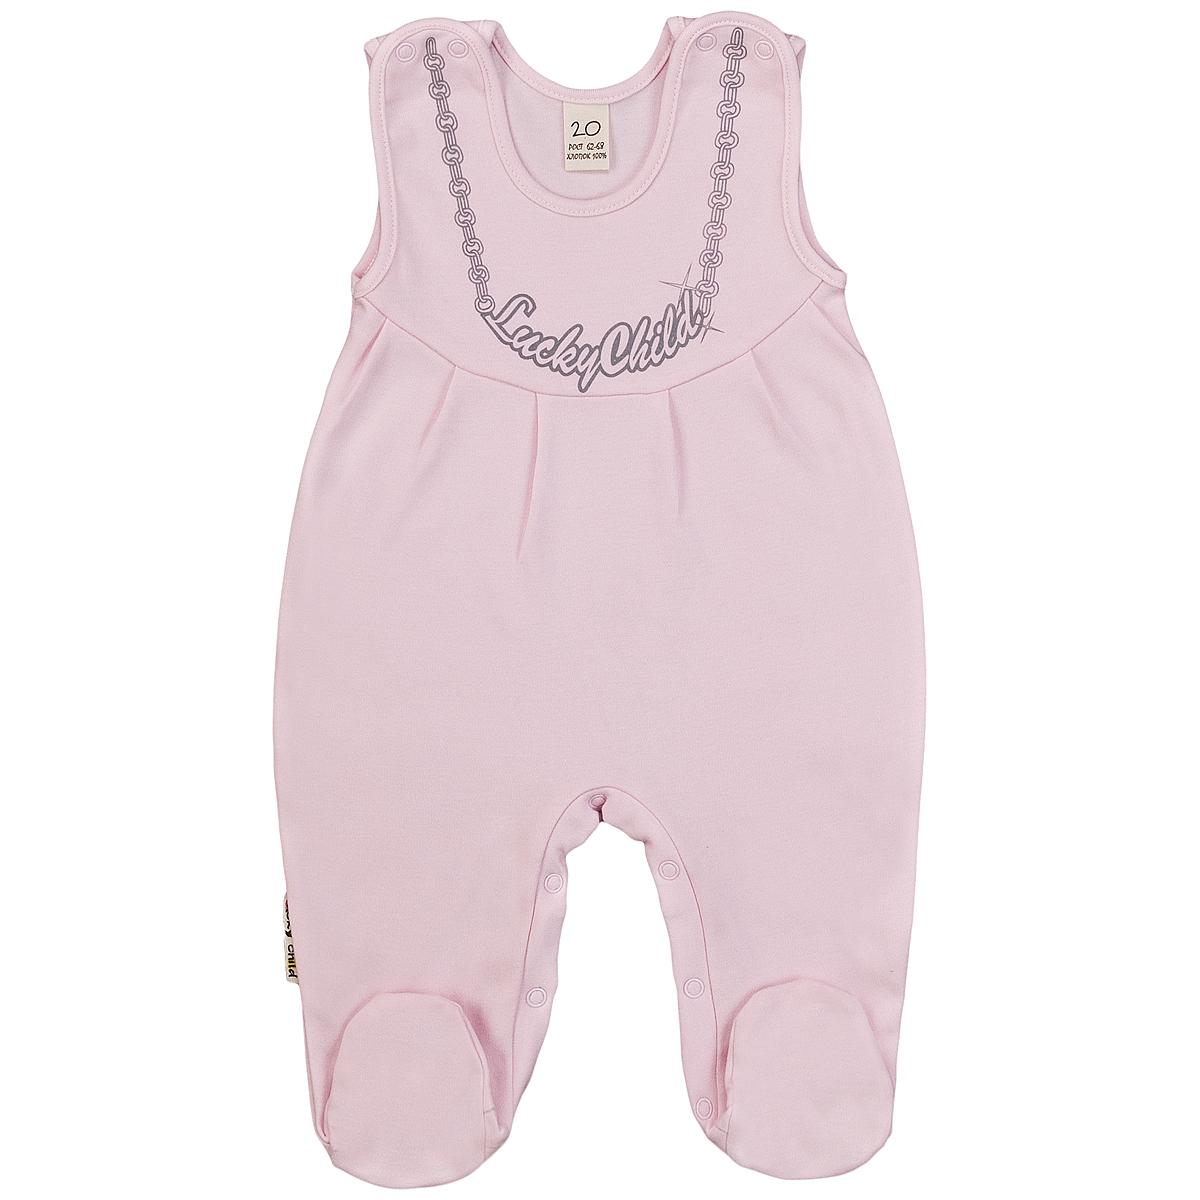 Ползунки с грудкой для девочки Lucky Child, цвет: розовый. 2-14. Размер 80/86